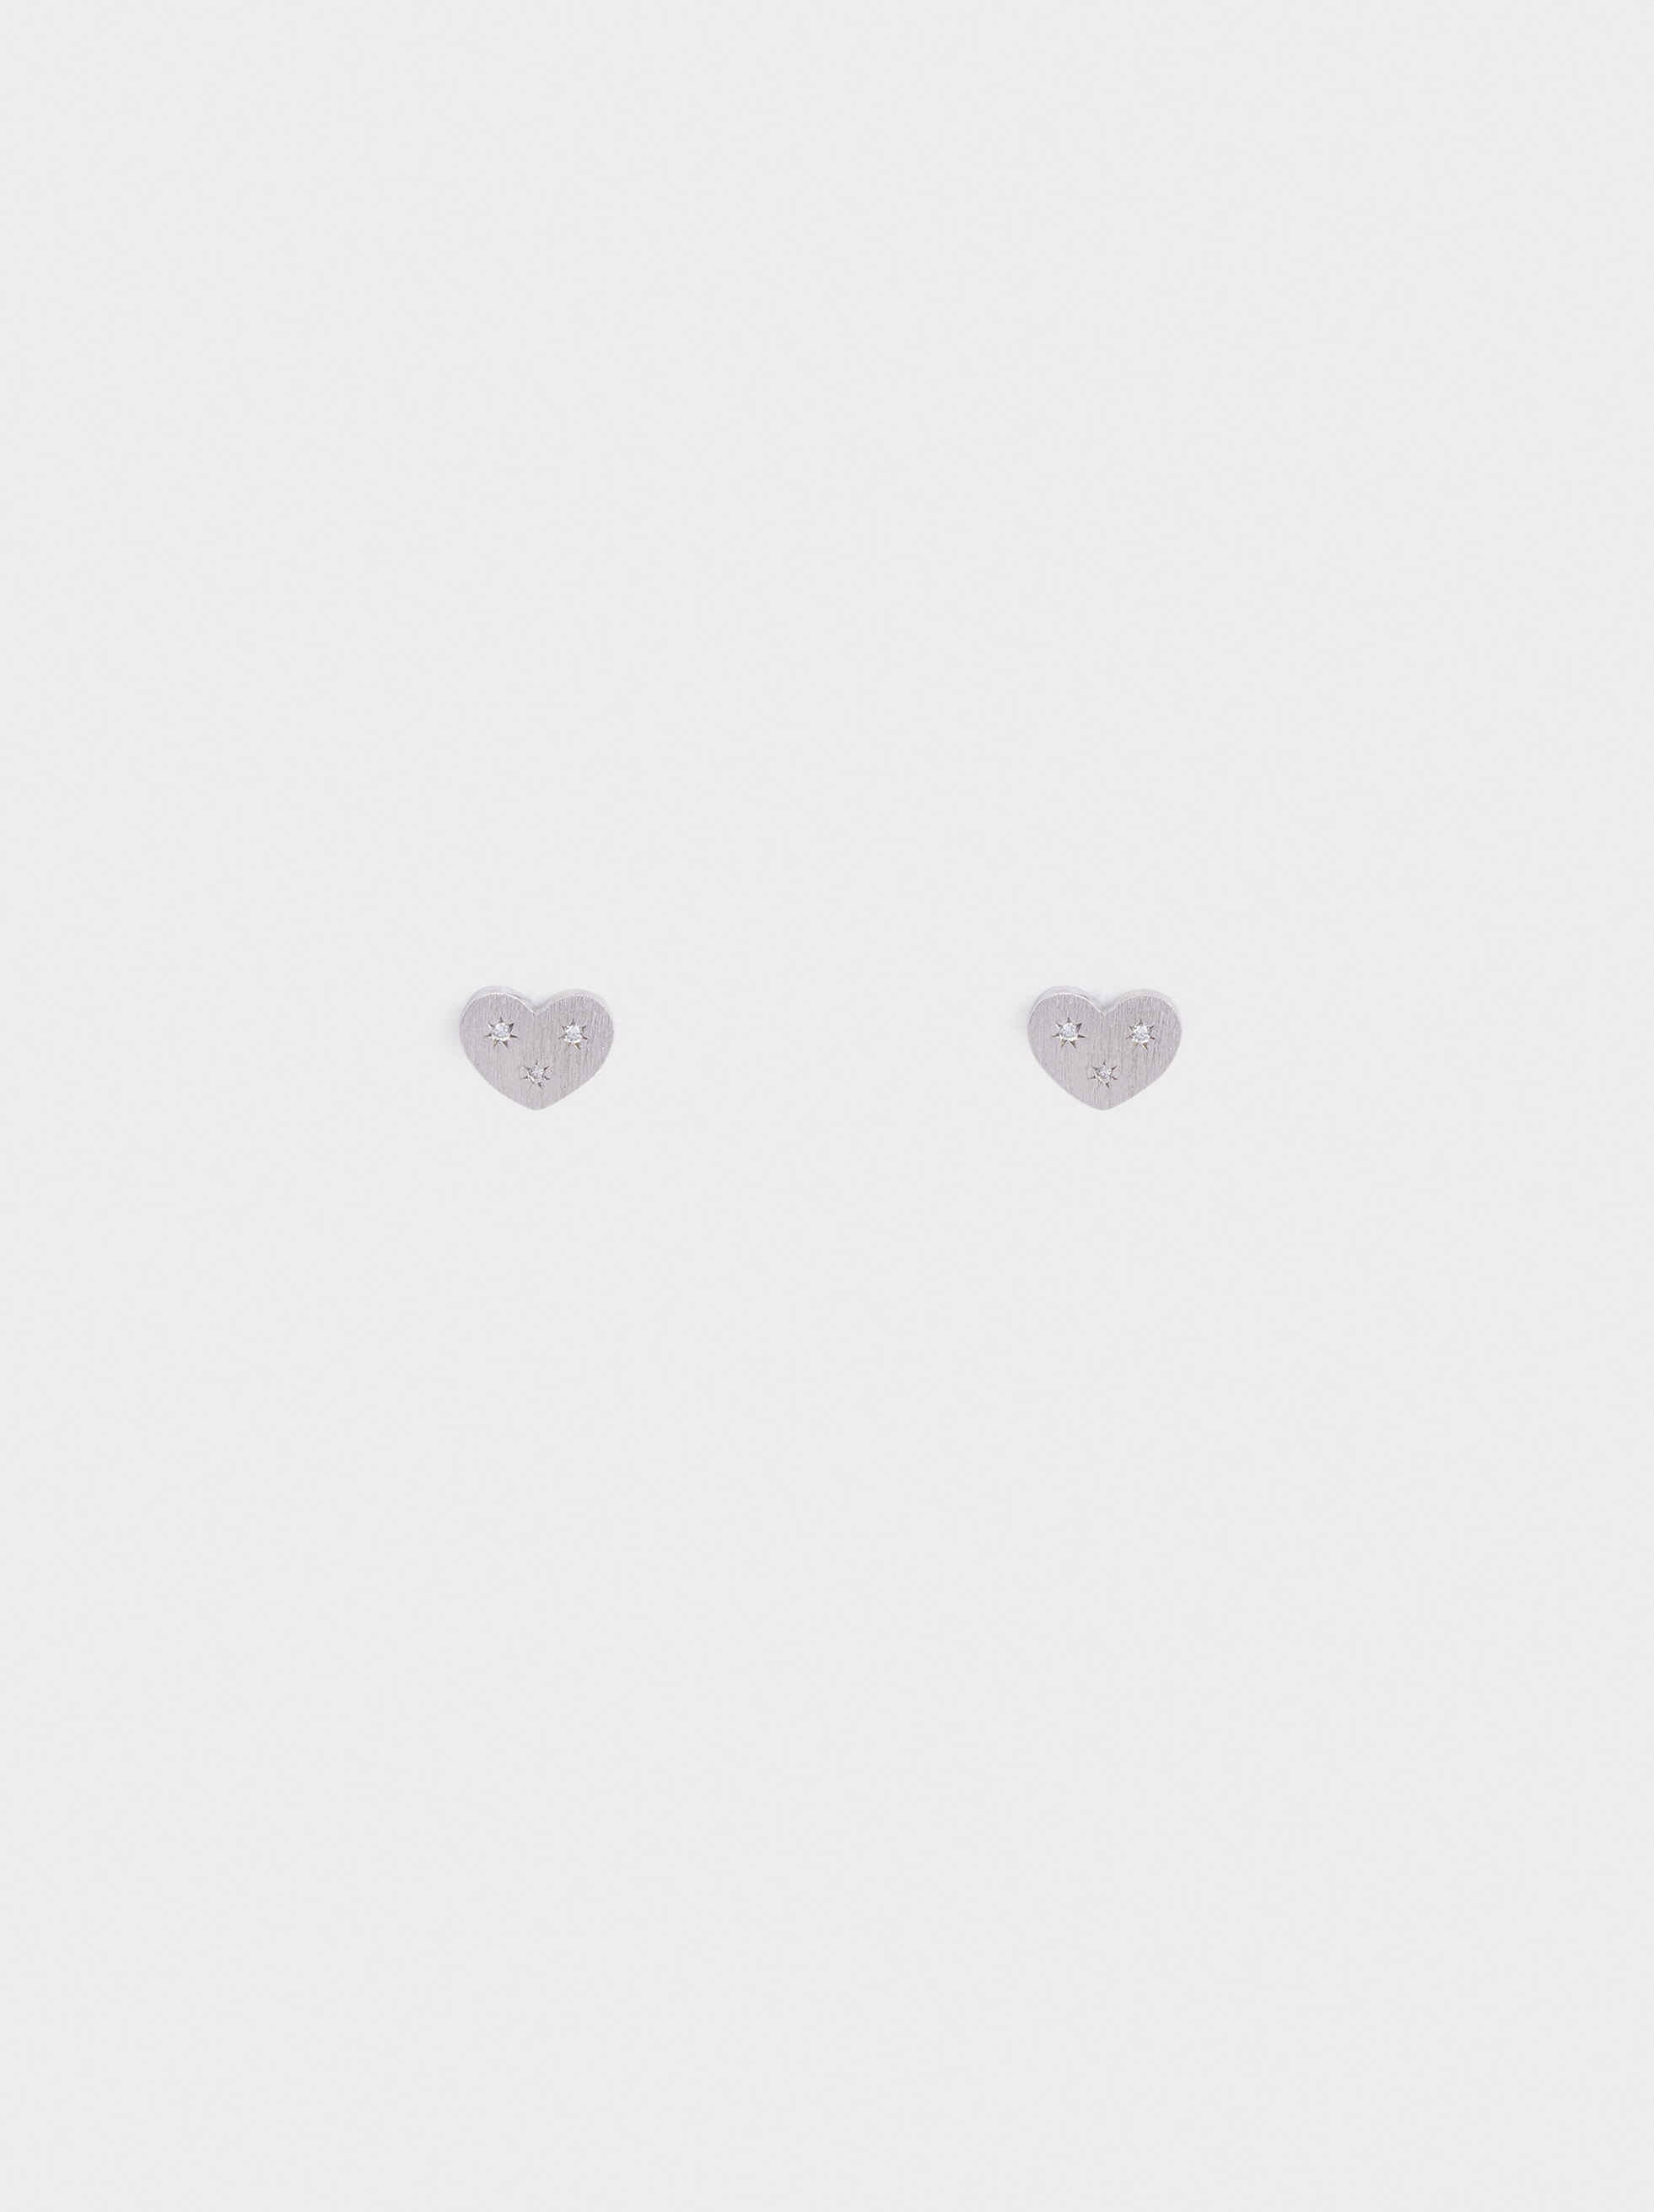 Pendientes Cortos De Plata 925 Corazón, Plateado, hi-res